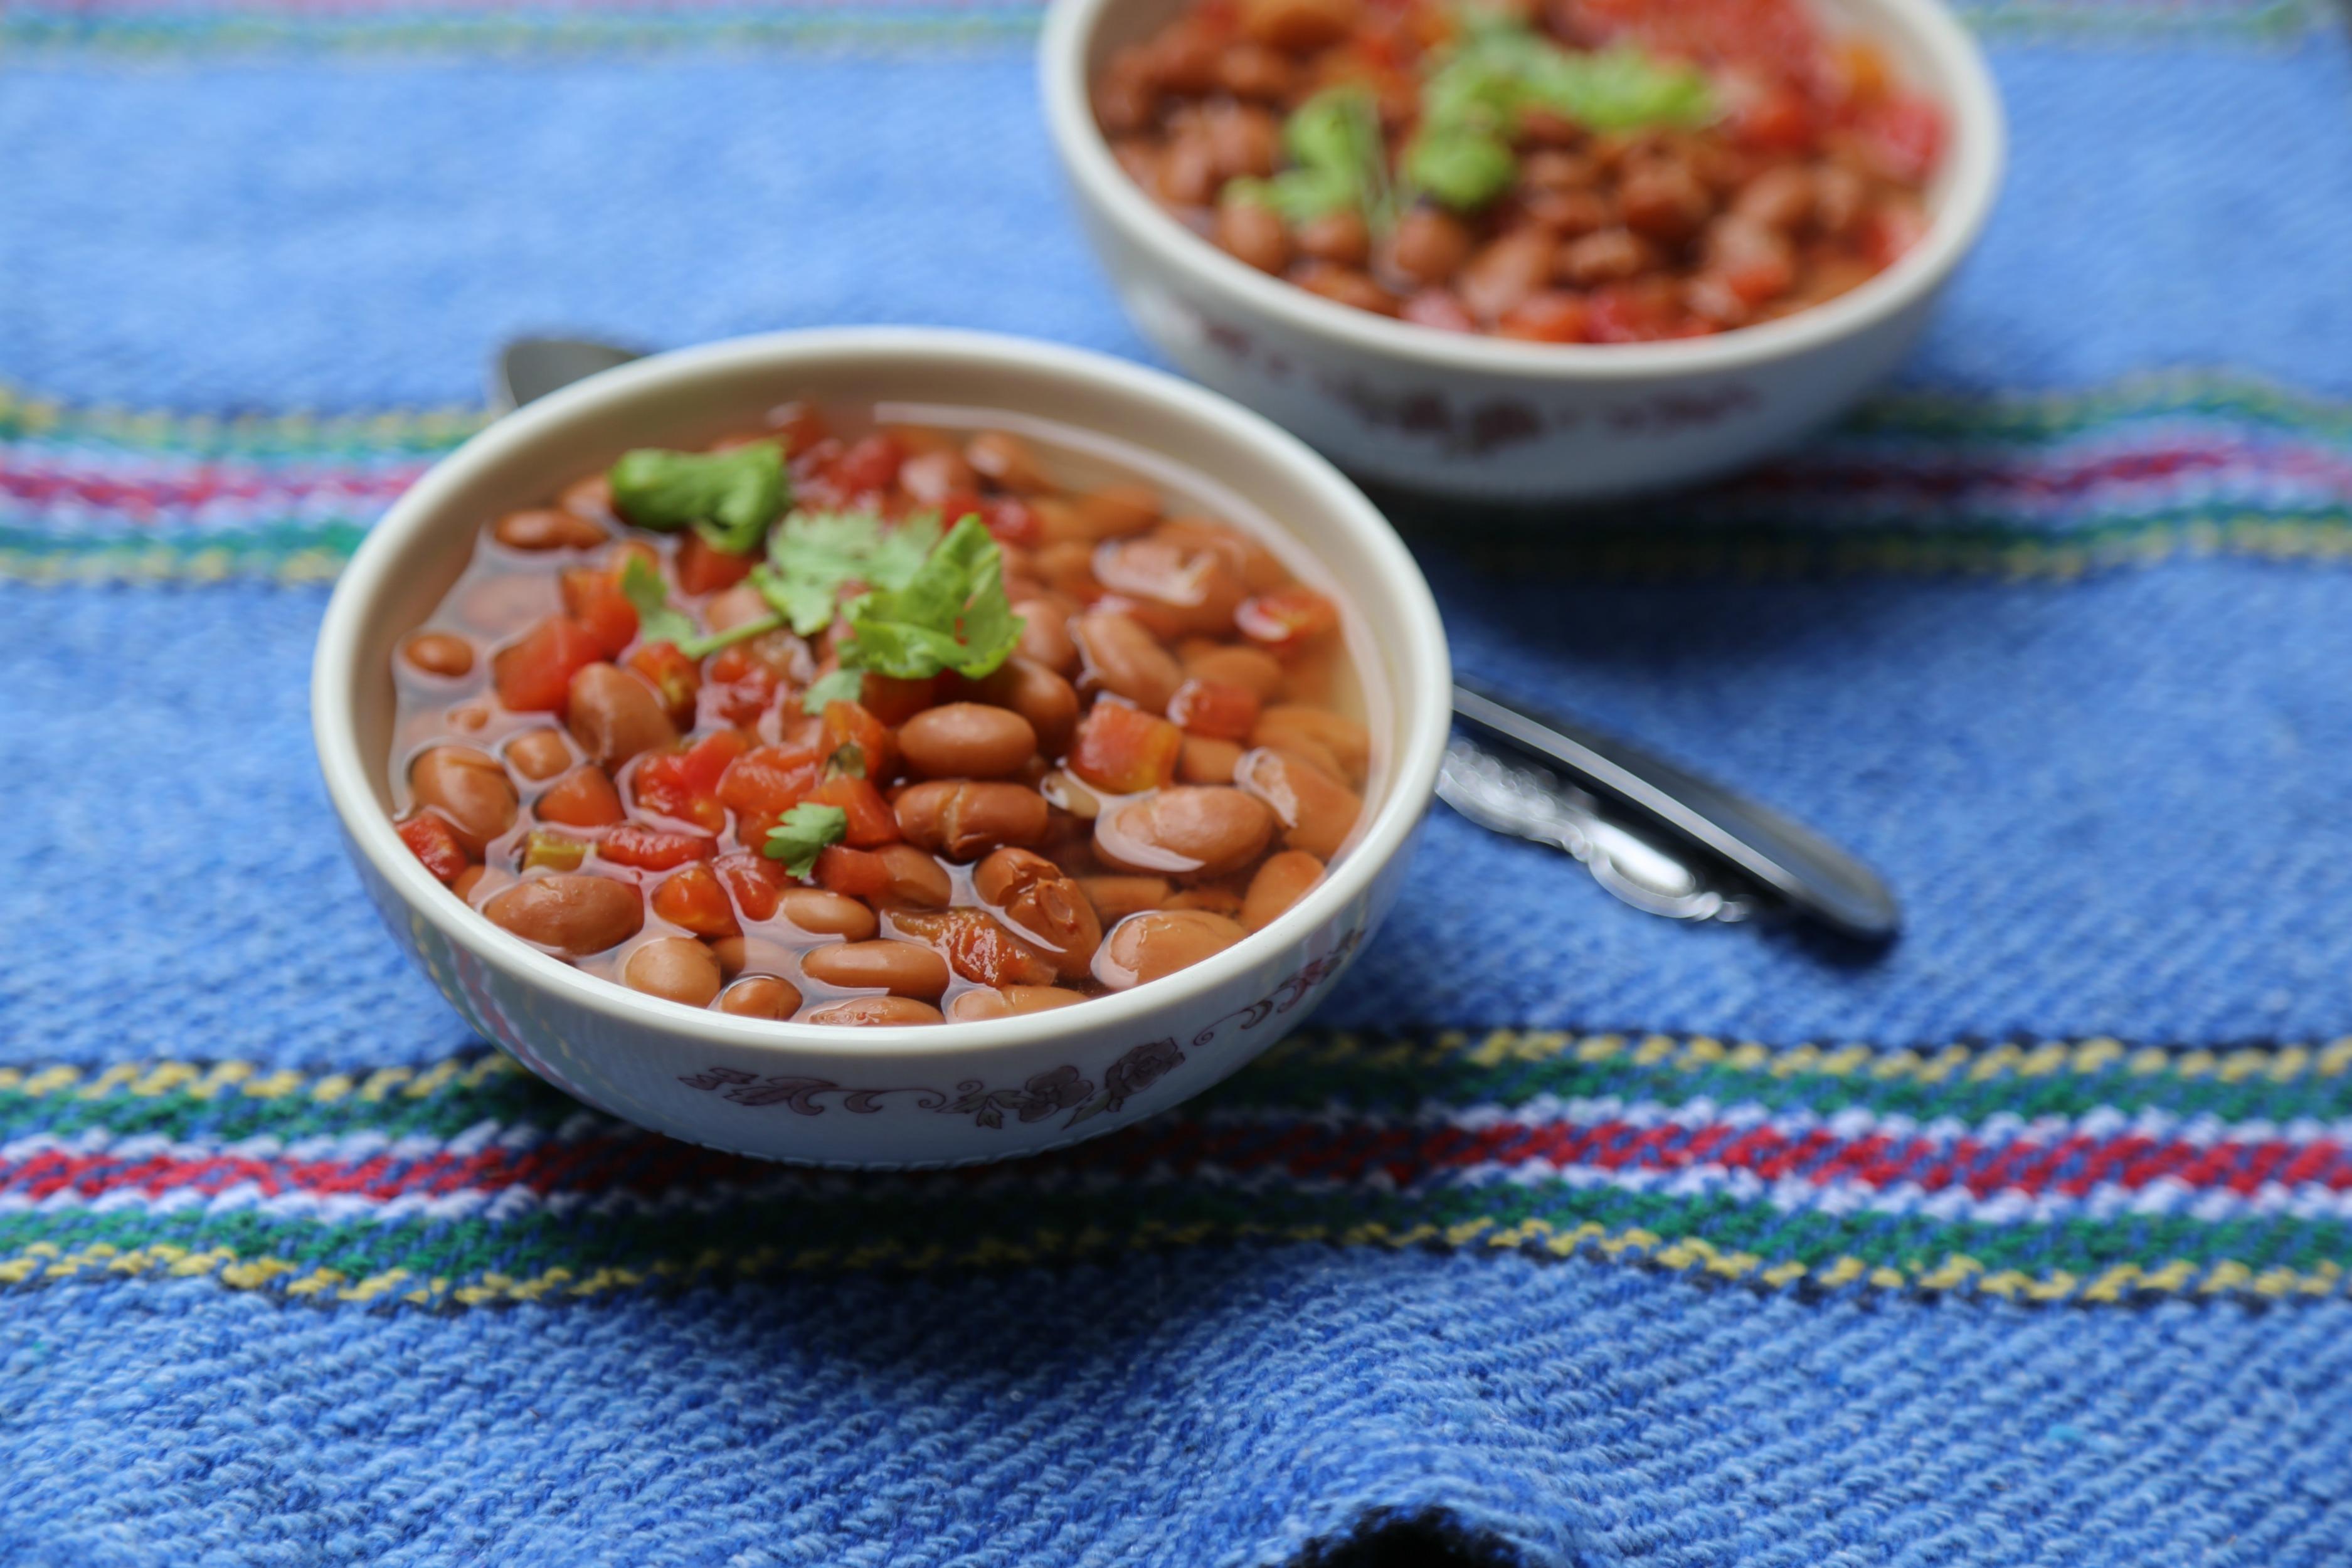 Frijoles-Borrachos-chipotle-vianneyrodriguez-sweetlifebake